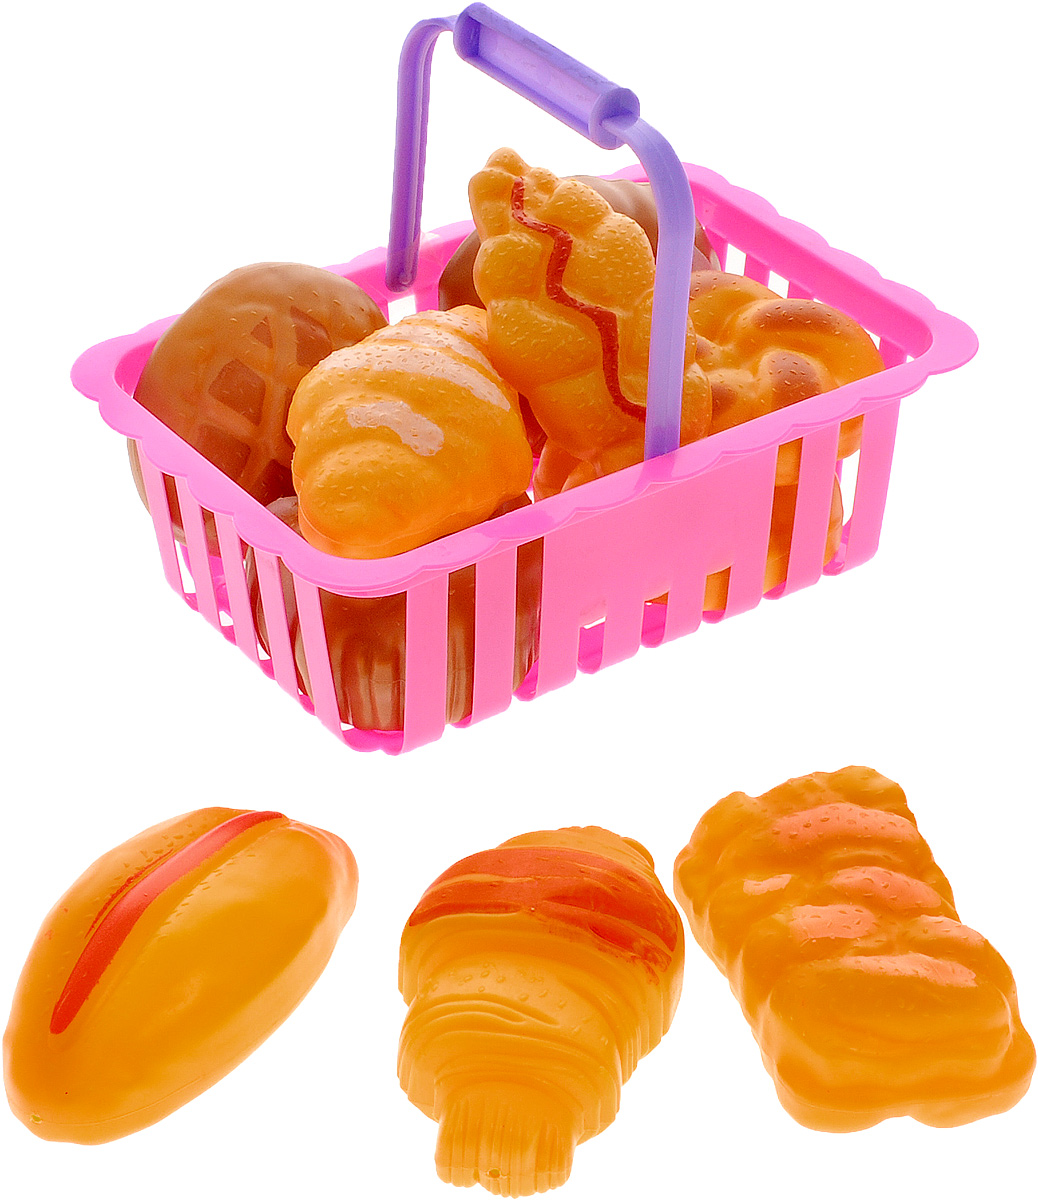 ABtoys Набор продуктов в корзине 12 предметов abtoys со стрелами на присосках